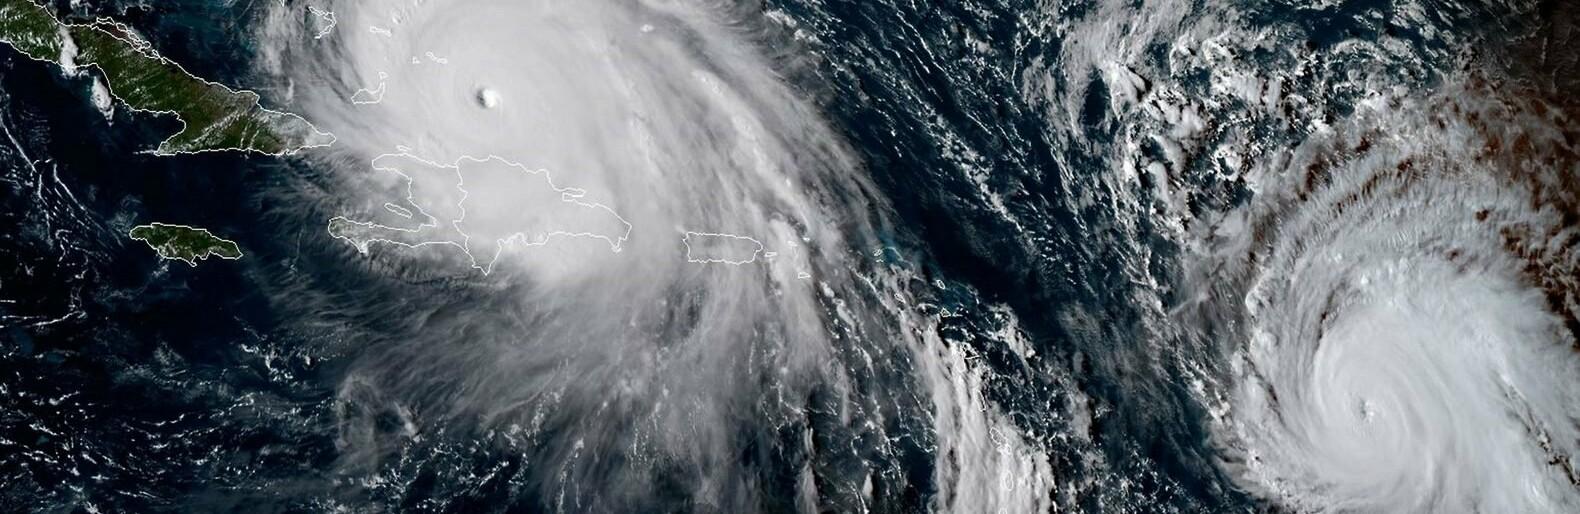 Надвигается циклон Лиза: погода в Одессе на Рождество и первую неде...0